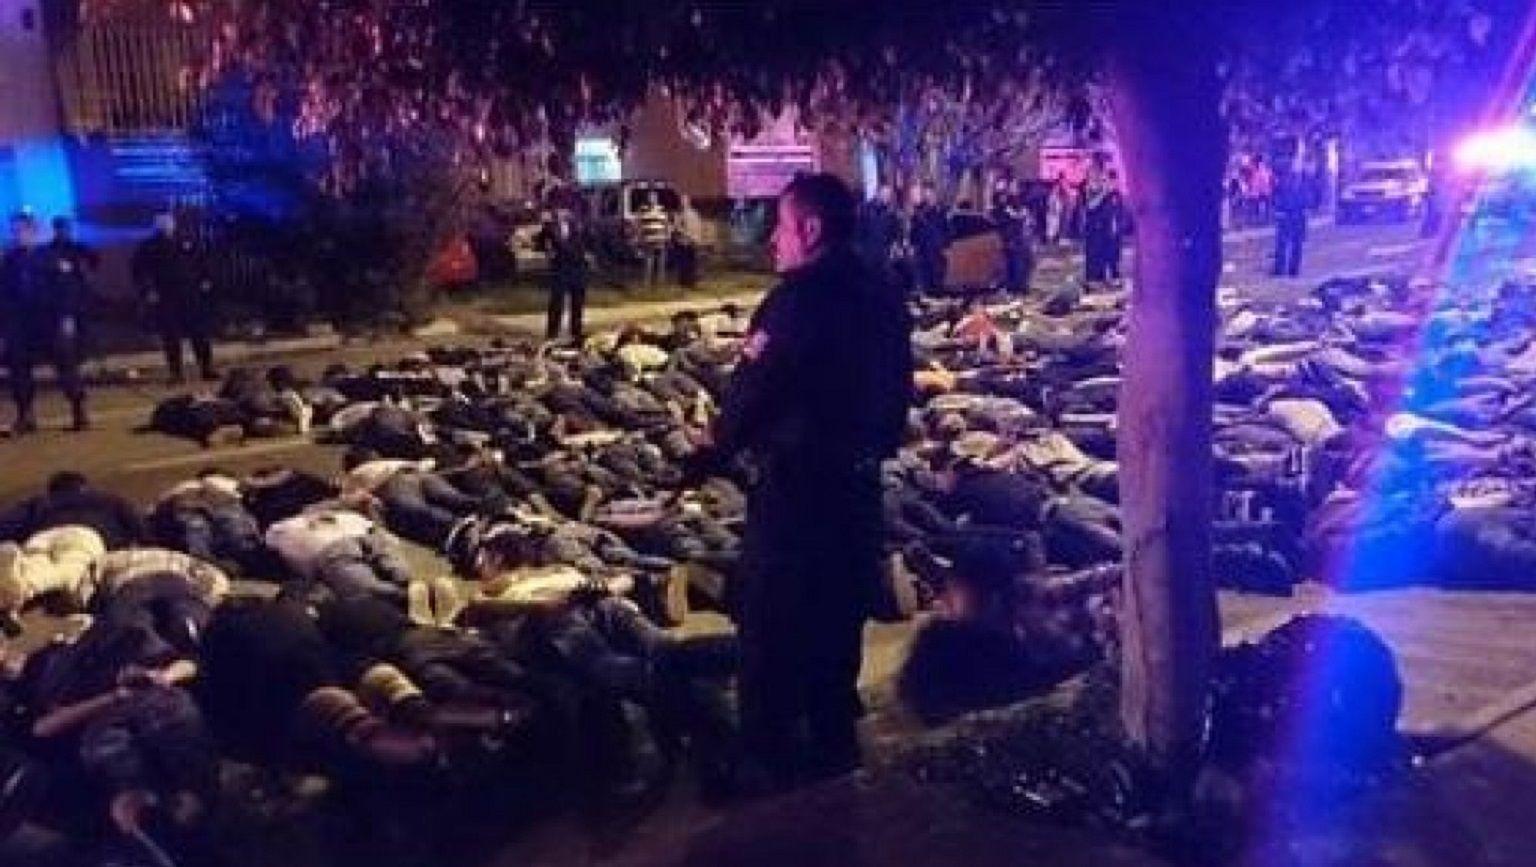 La fiesta del descontrol: terminó con más de 100 detenidos y dos policías heridos